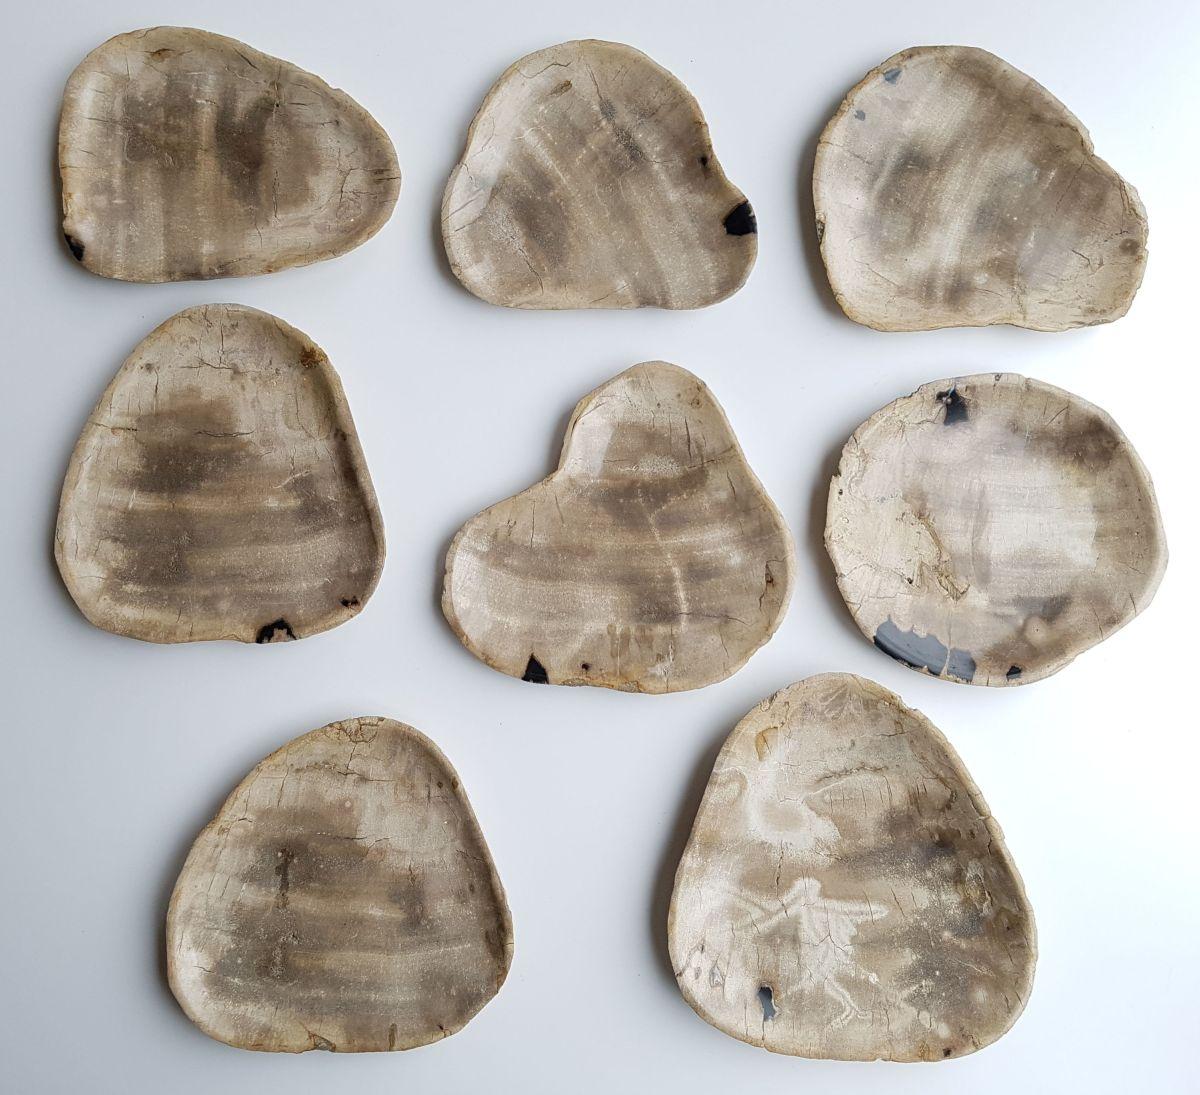 Plate petrified wood 33004e